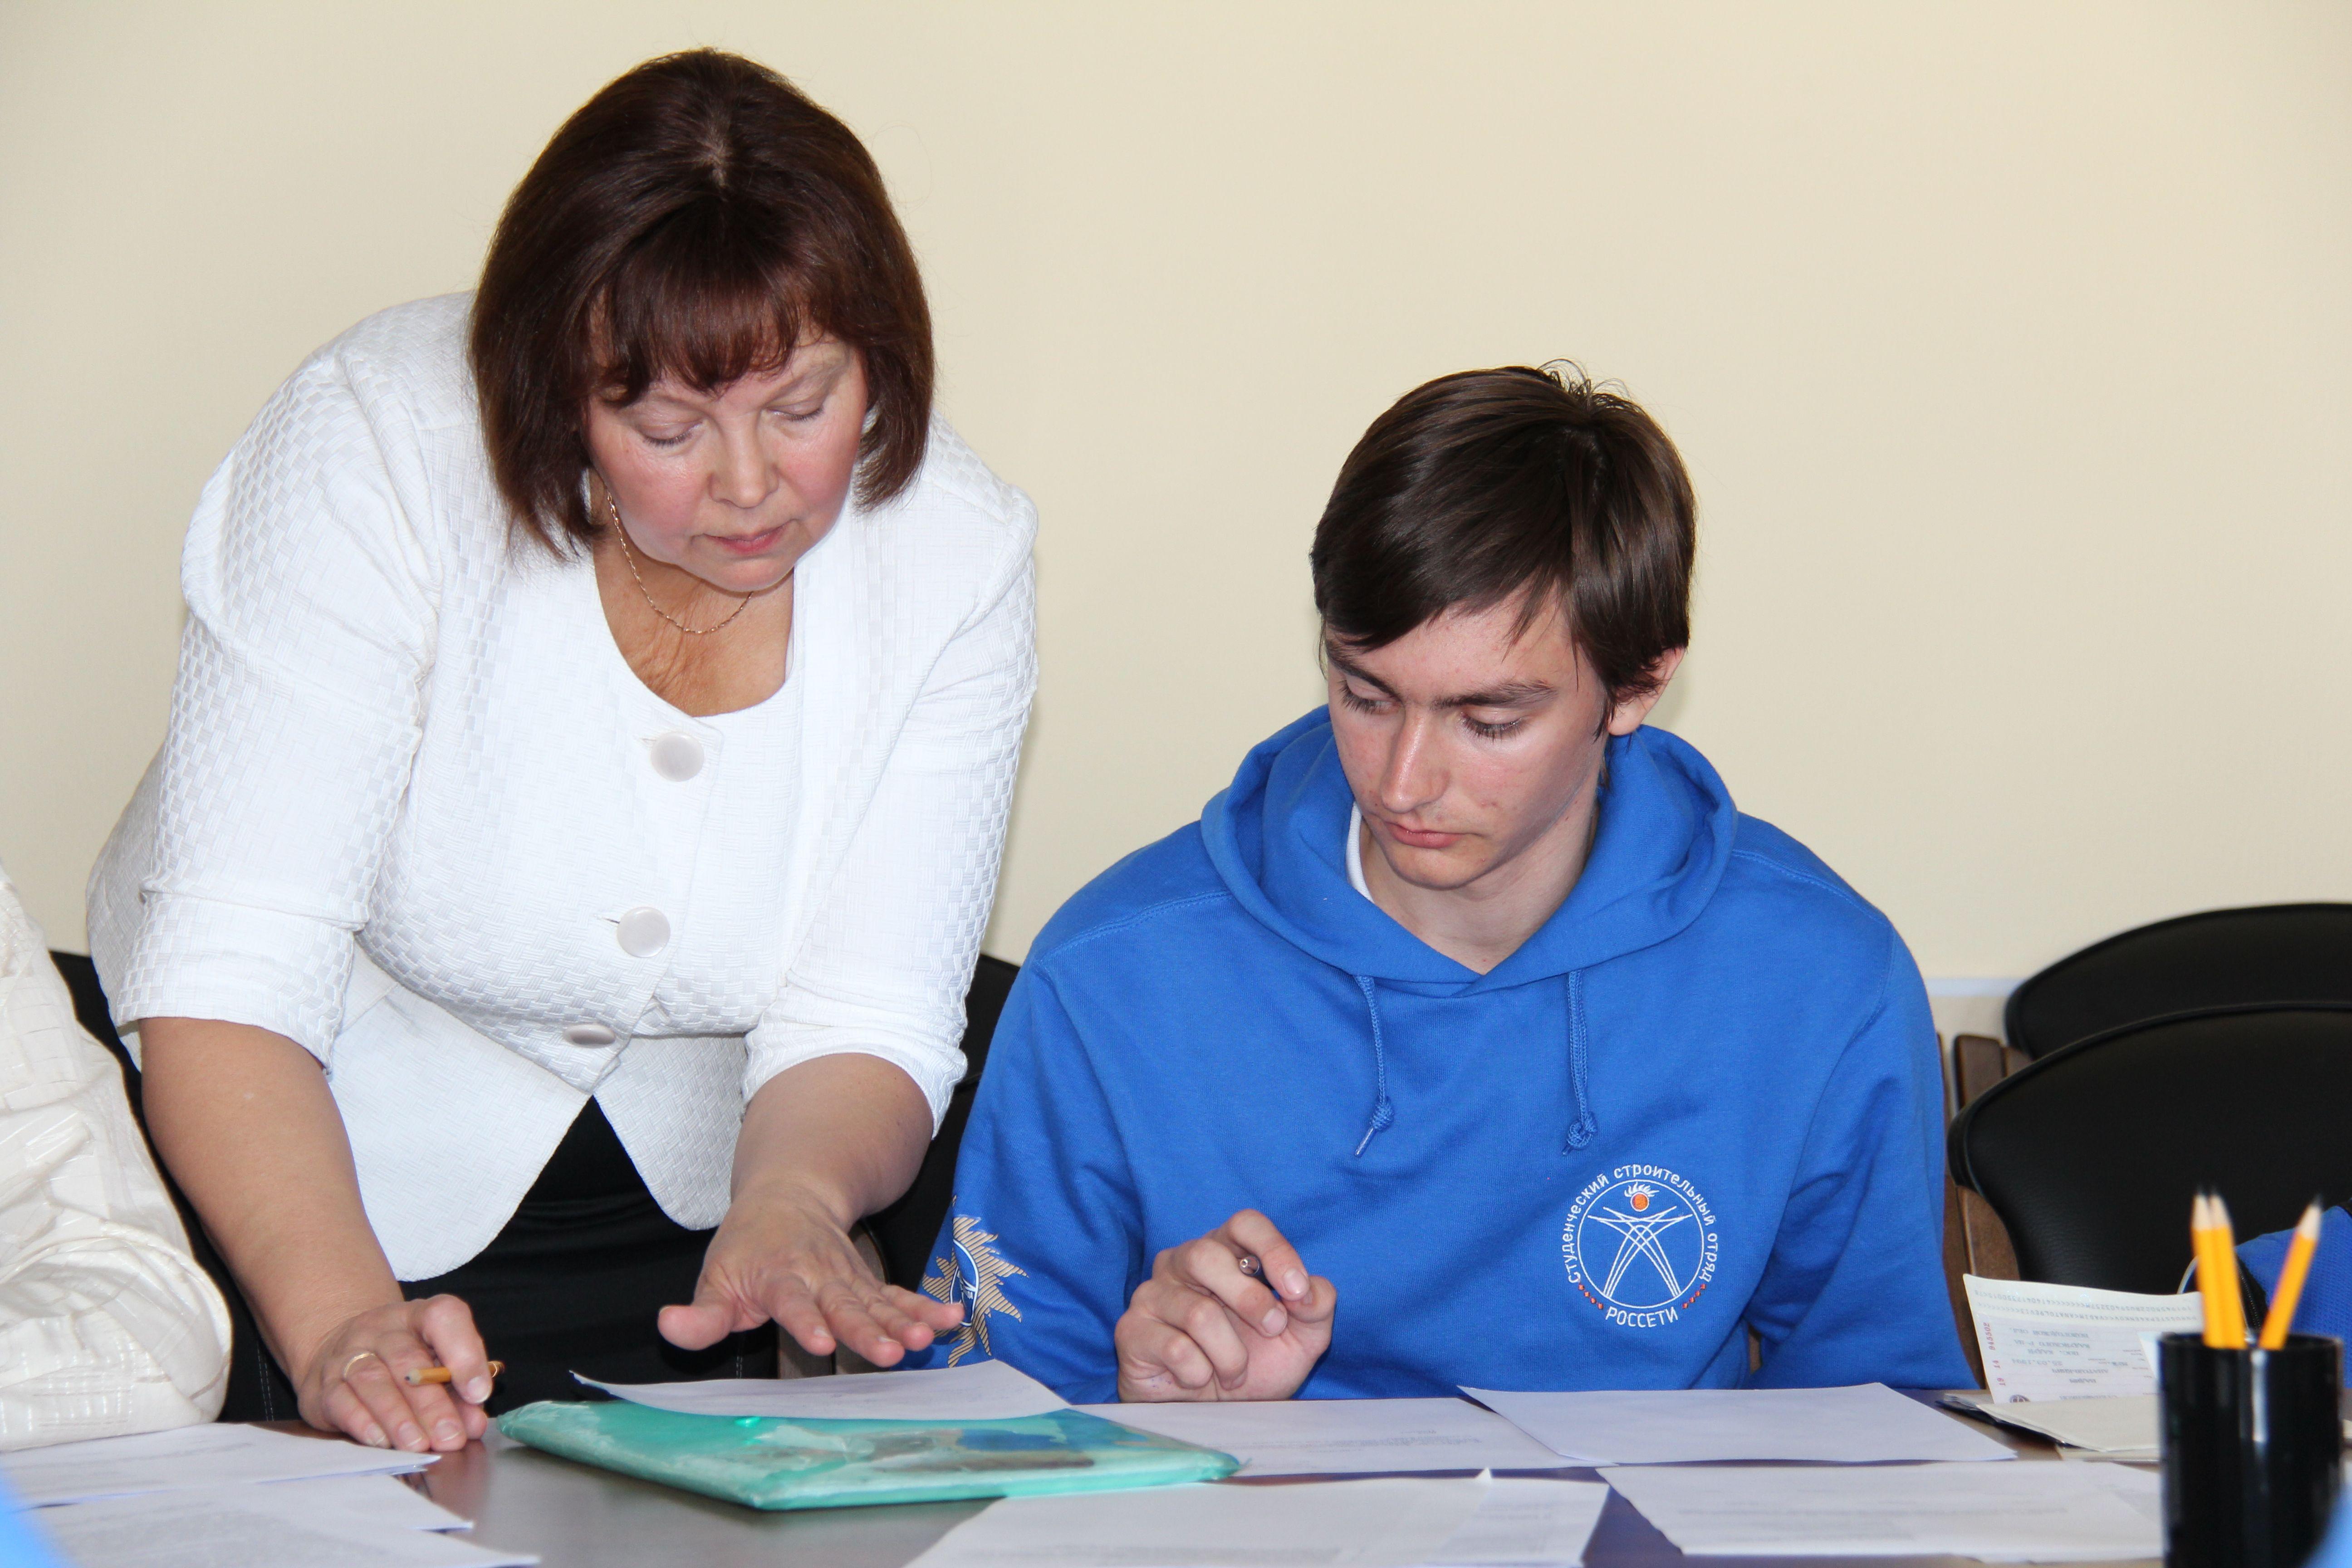 «Вологдаэнерго» официально принял на работу студенческий строительный отряд «Вологдаэнерго-2014», в который вошли учащиеся ВГУ